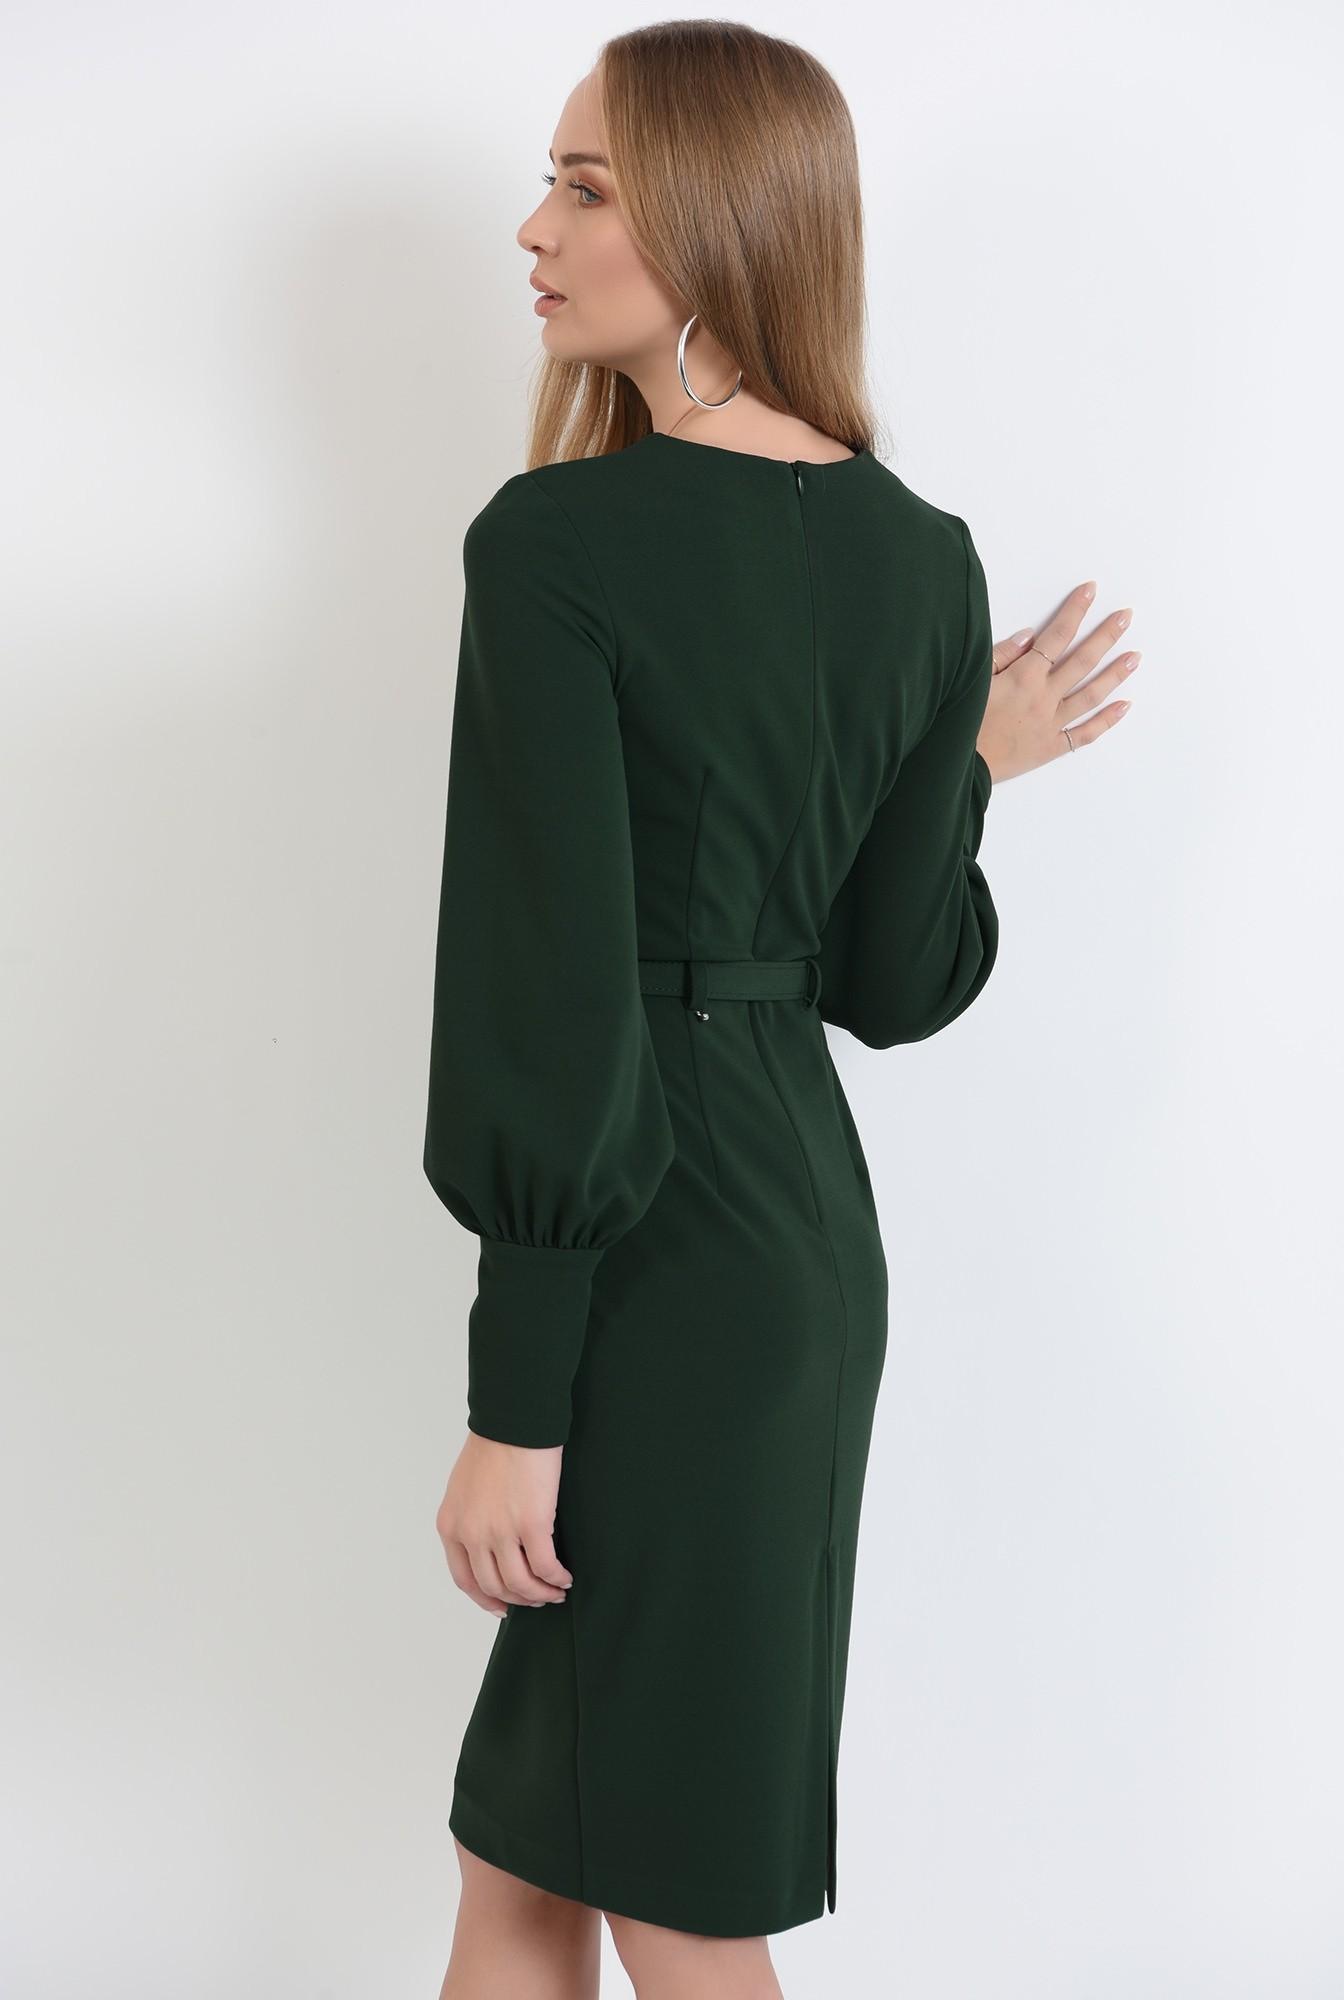 1 - rochie cu centura, cu decolteu rotund, cu slit la spate